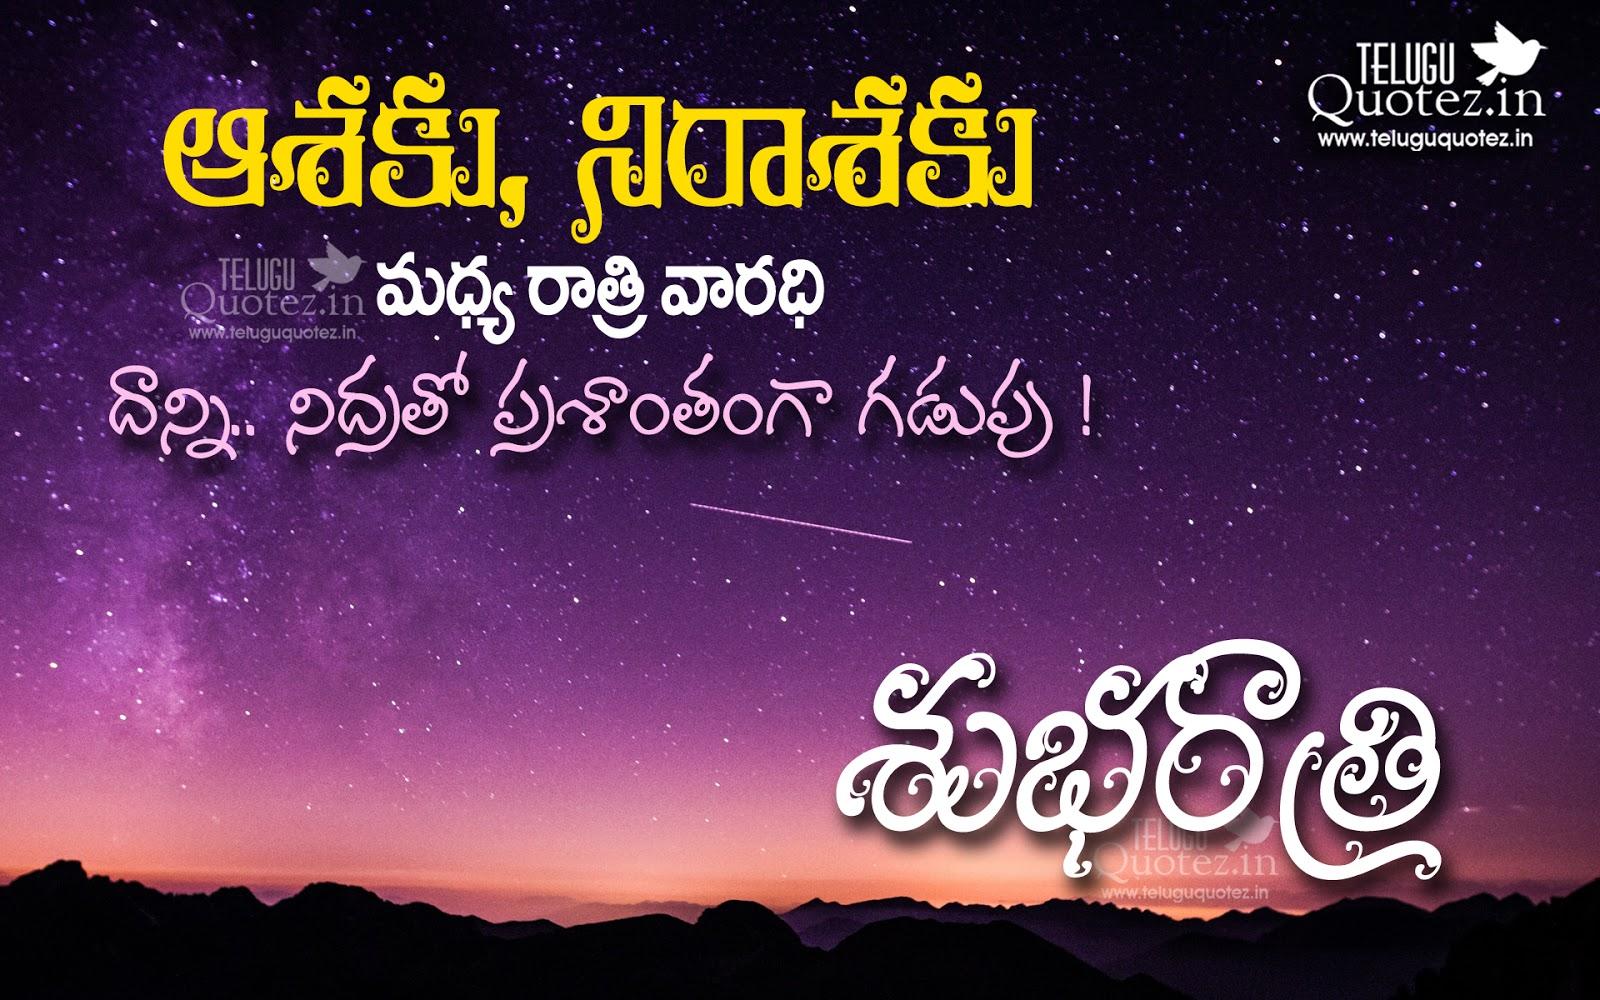 Good Night Telugu Quotes With Heart Touching Images Teluguquotez